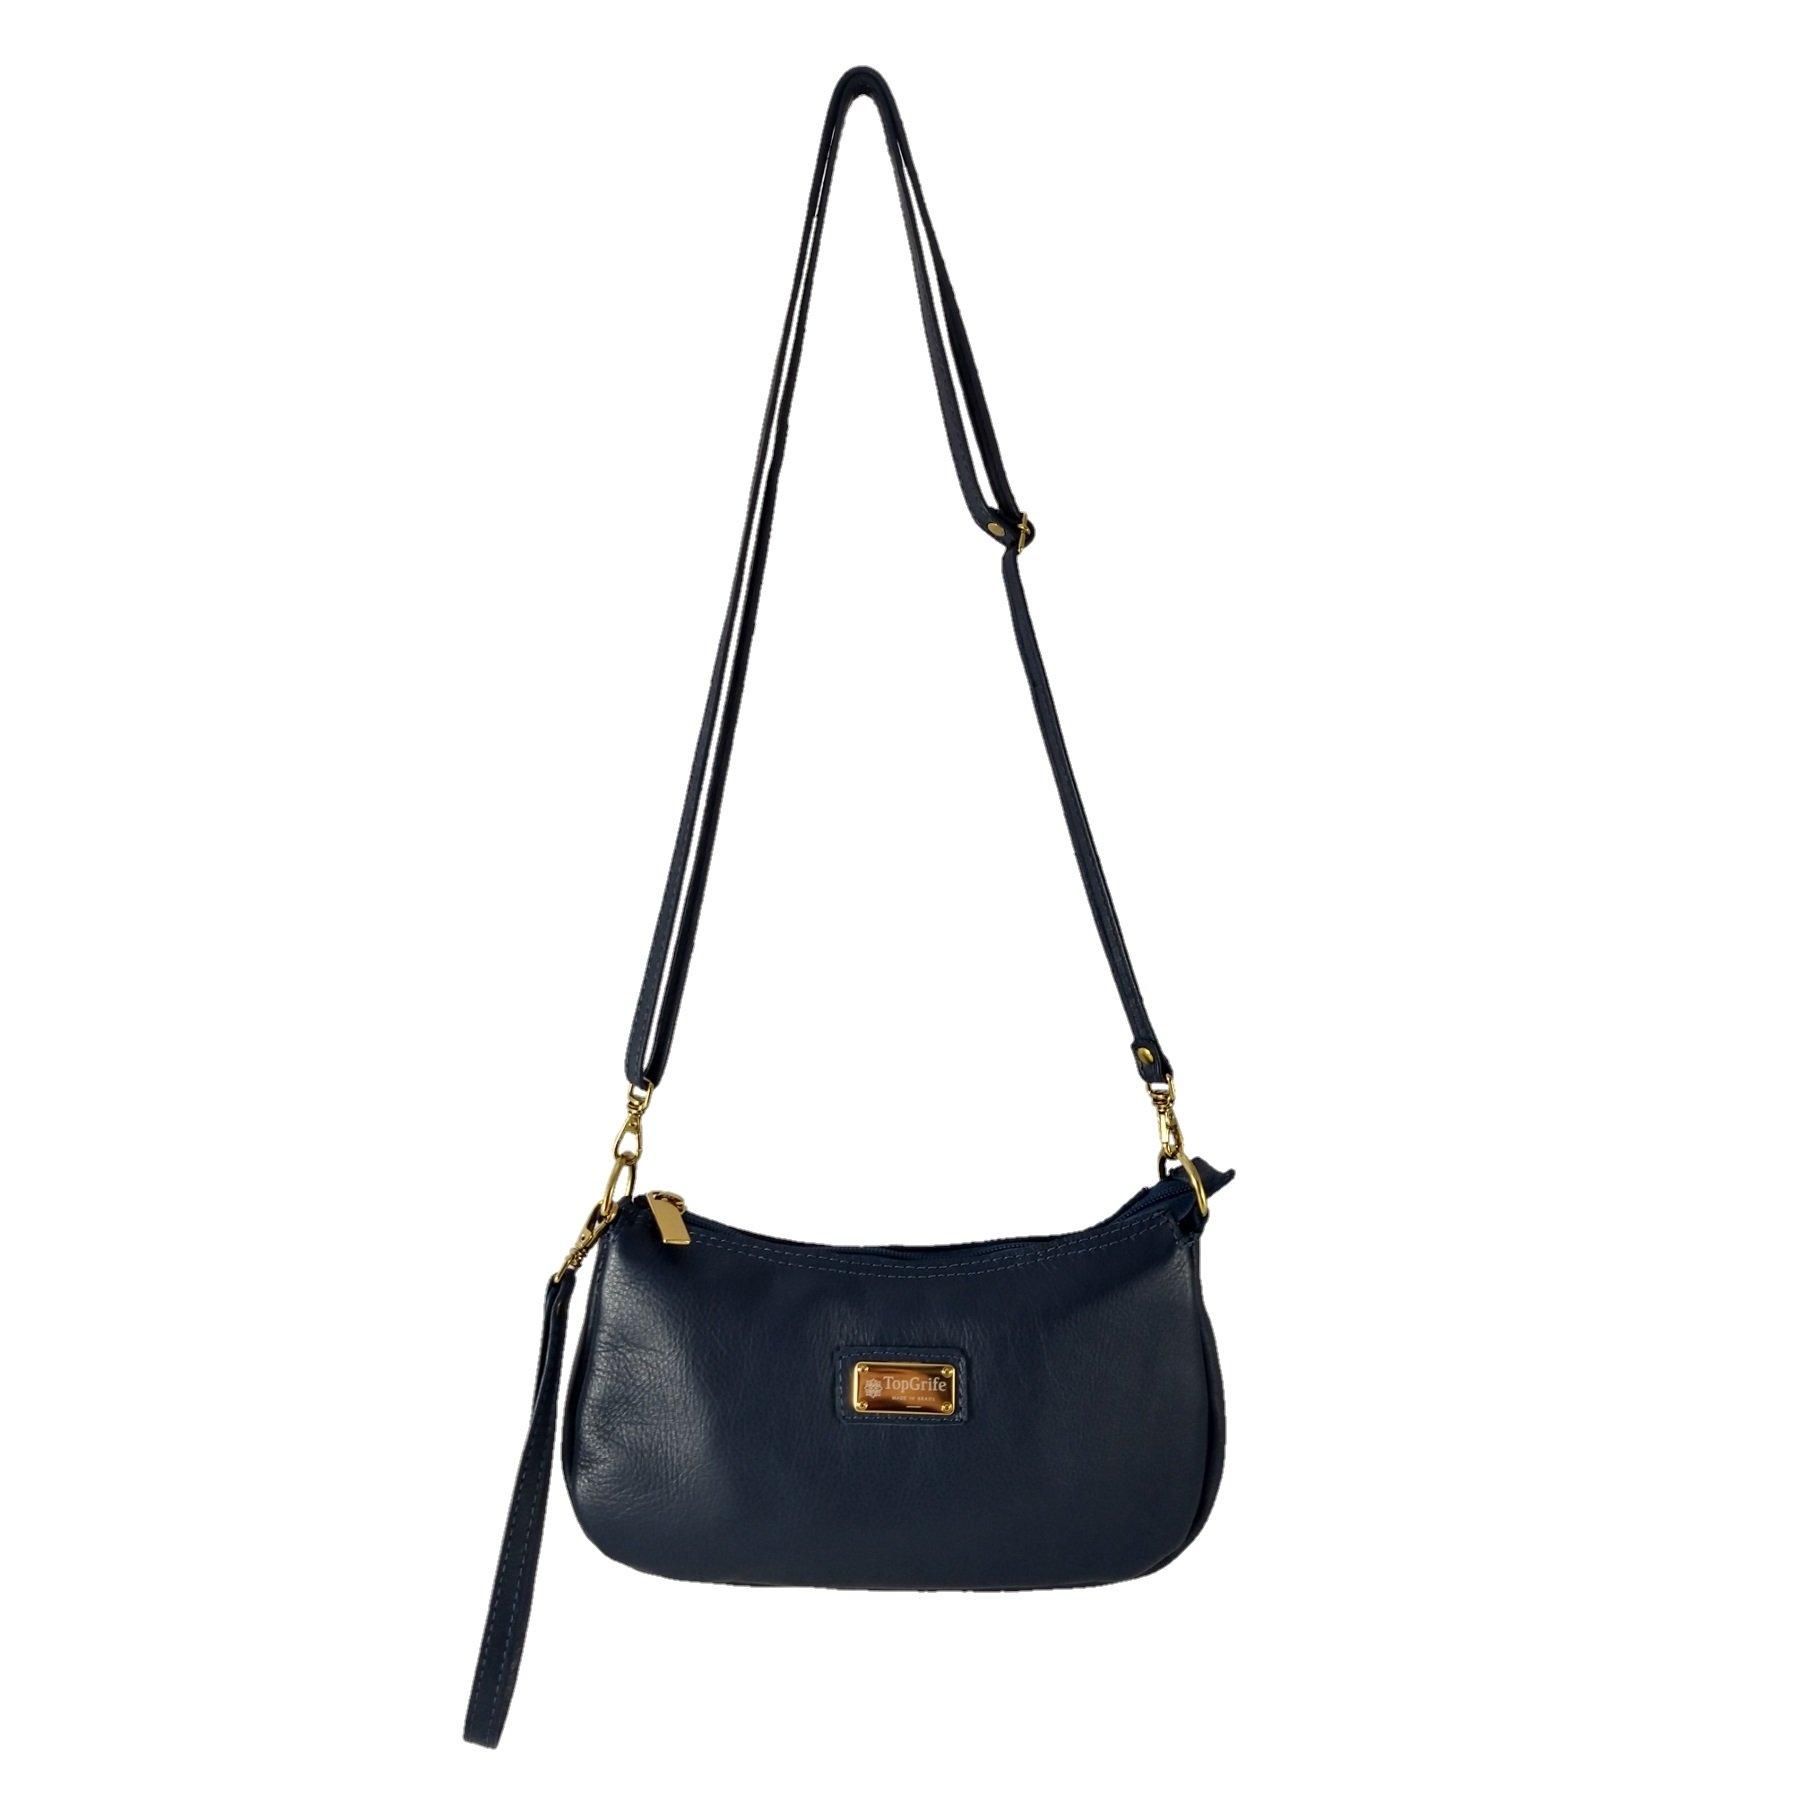 Bolsa Carteira Clutch TopGrife Couro Azul Marinho  - SAPATOWEB.COM